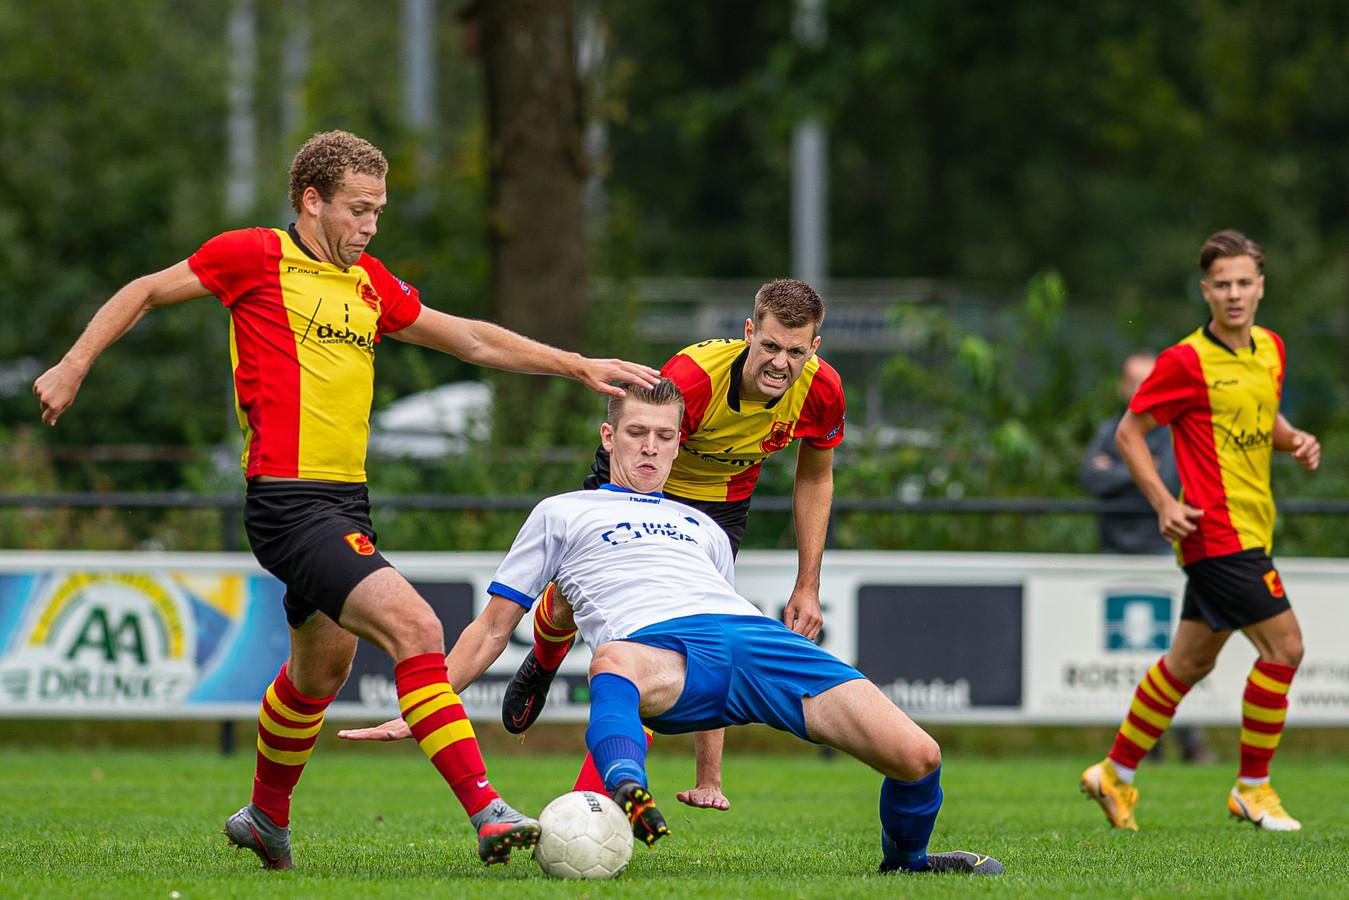 Jeroen Kamphuis (l) en Chiel Pasman maakten allebei een doelpunt, waardoor ASC'62 en SV Dalfsen eindigden op 1-1.